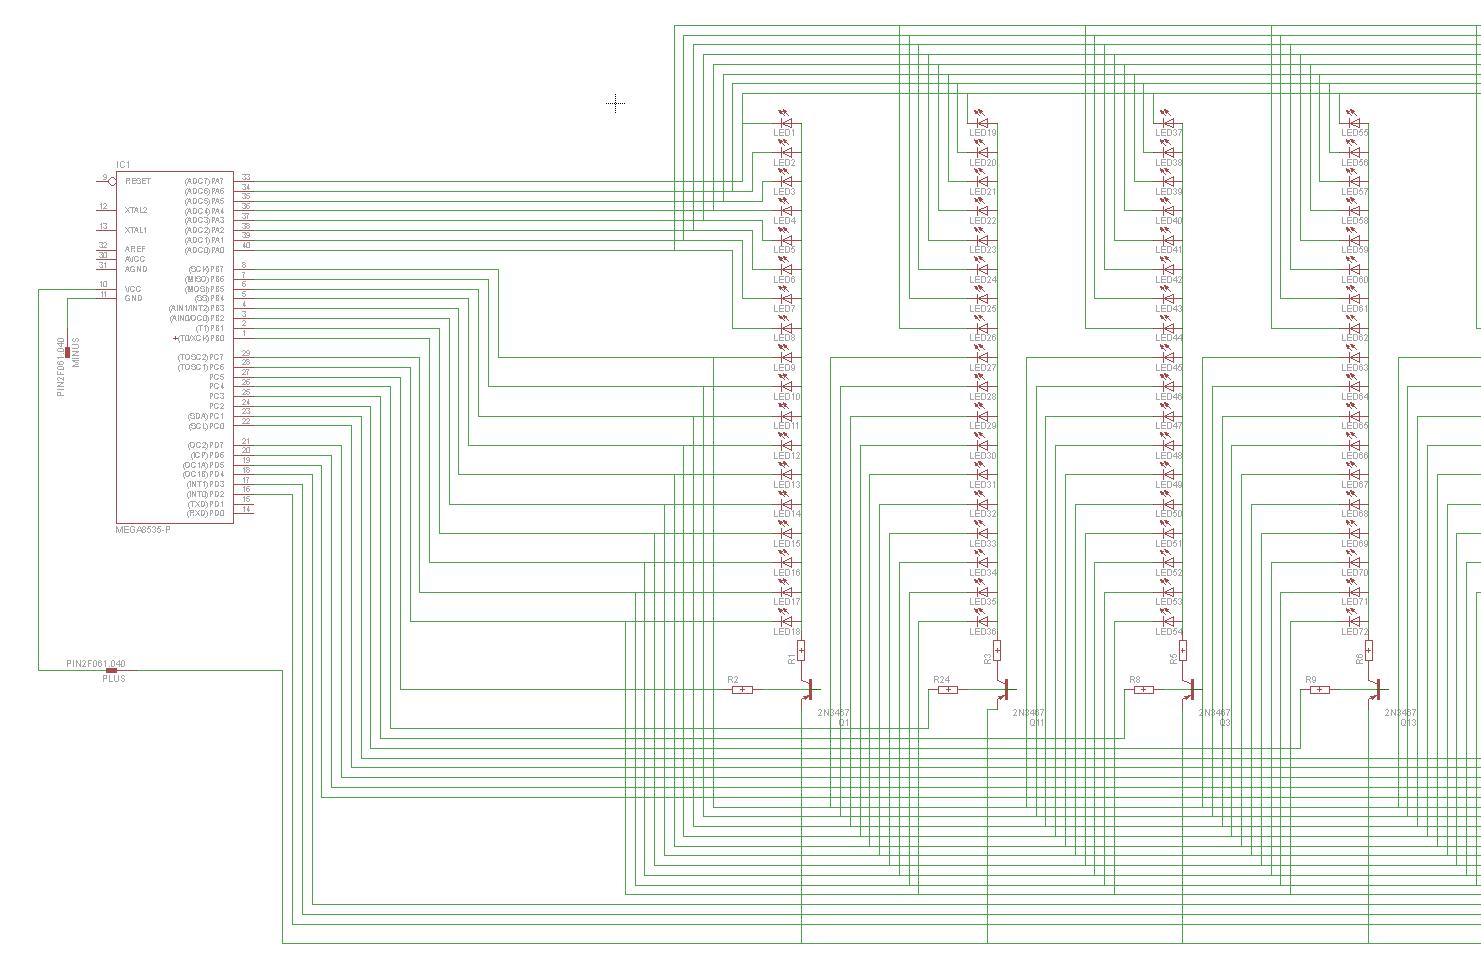 Rgb светодиодный куб 8х8х8 своими руками схема 24